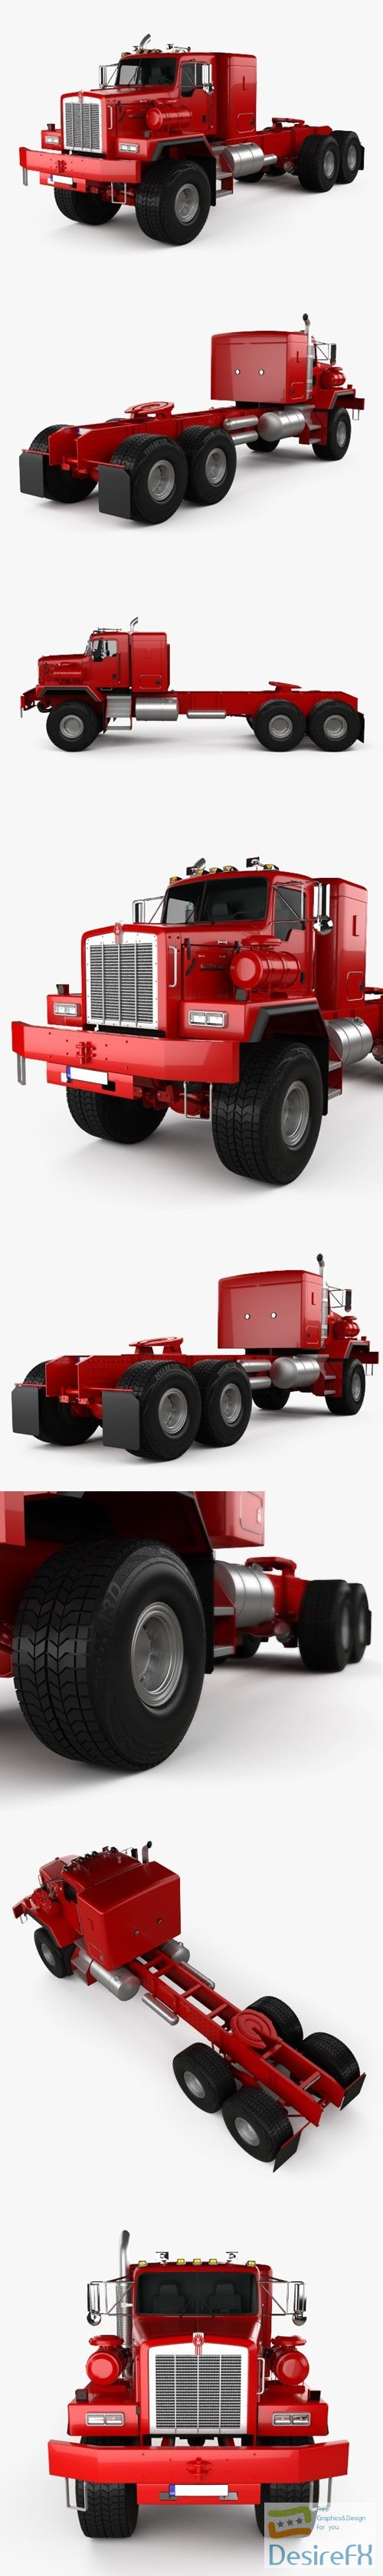 Kenworth C500 Tractor Truck 2001 3D Model